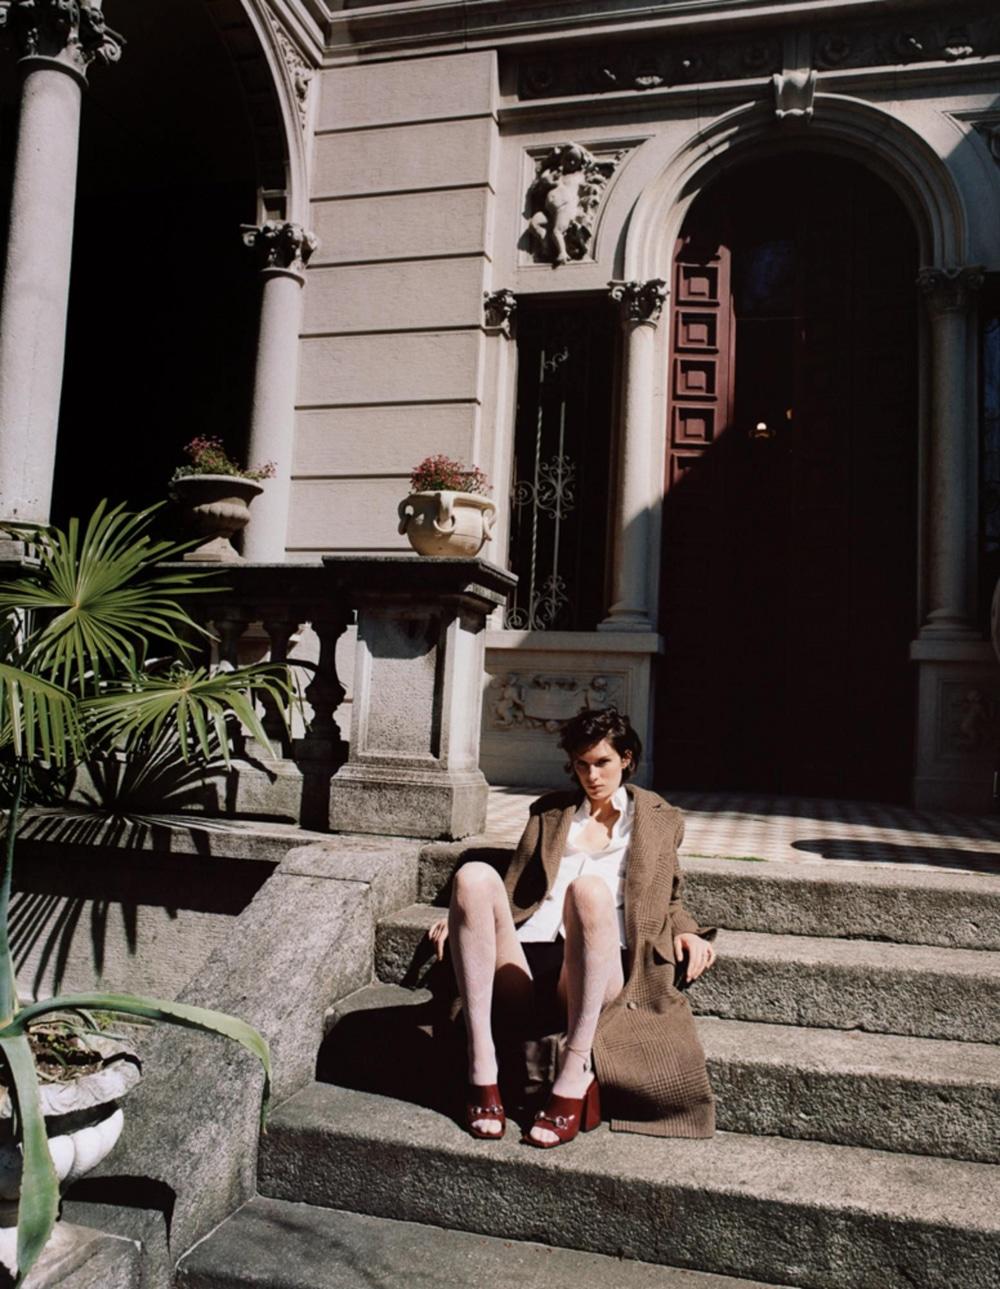 WSJ-Magazine-Marte-Mei-van-Haaster-Angelo-Pennetta-4.jpg